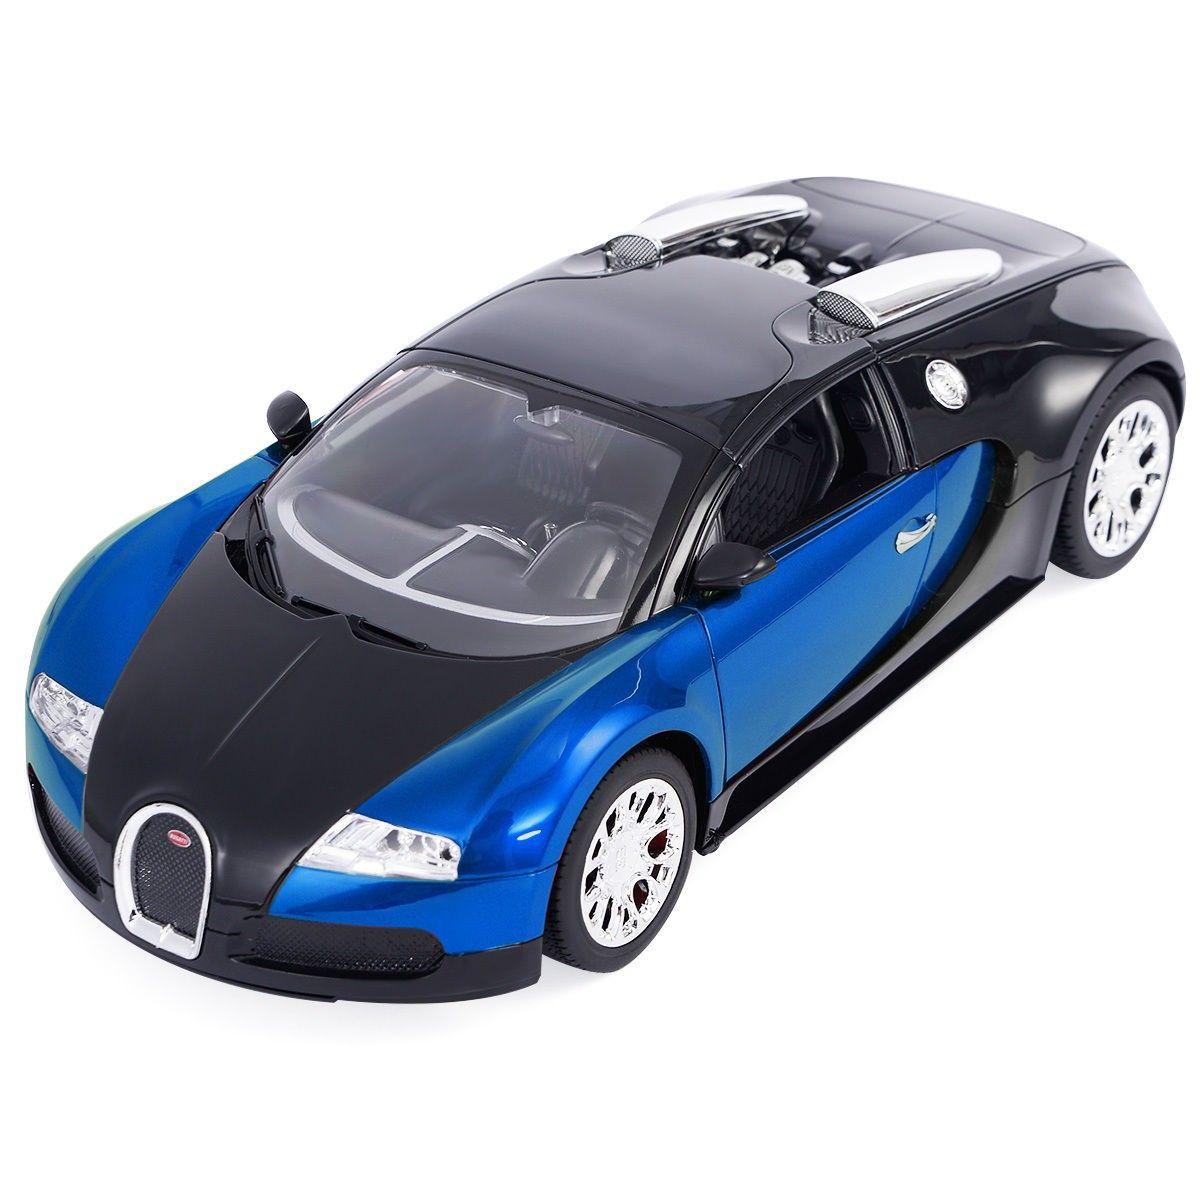 1/14 Bugatti Veyron Remote Control RC Car